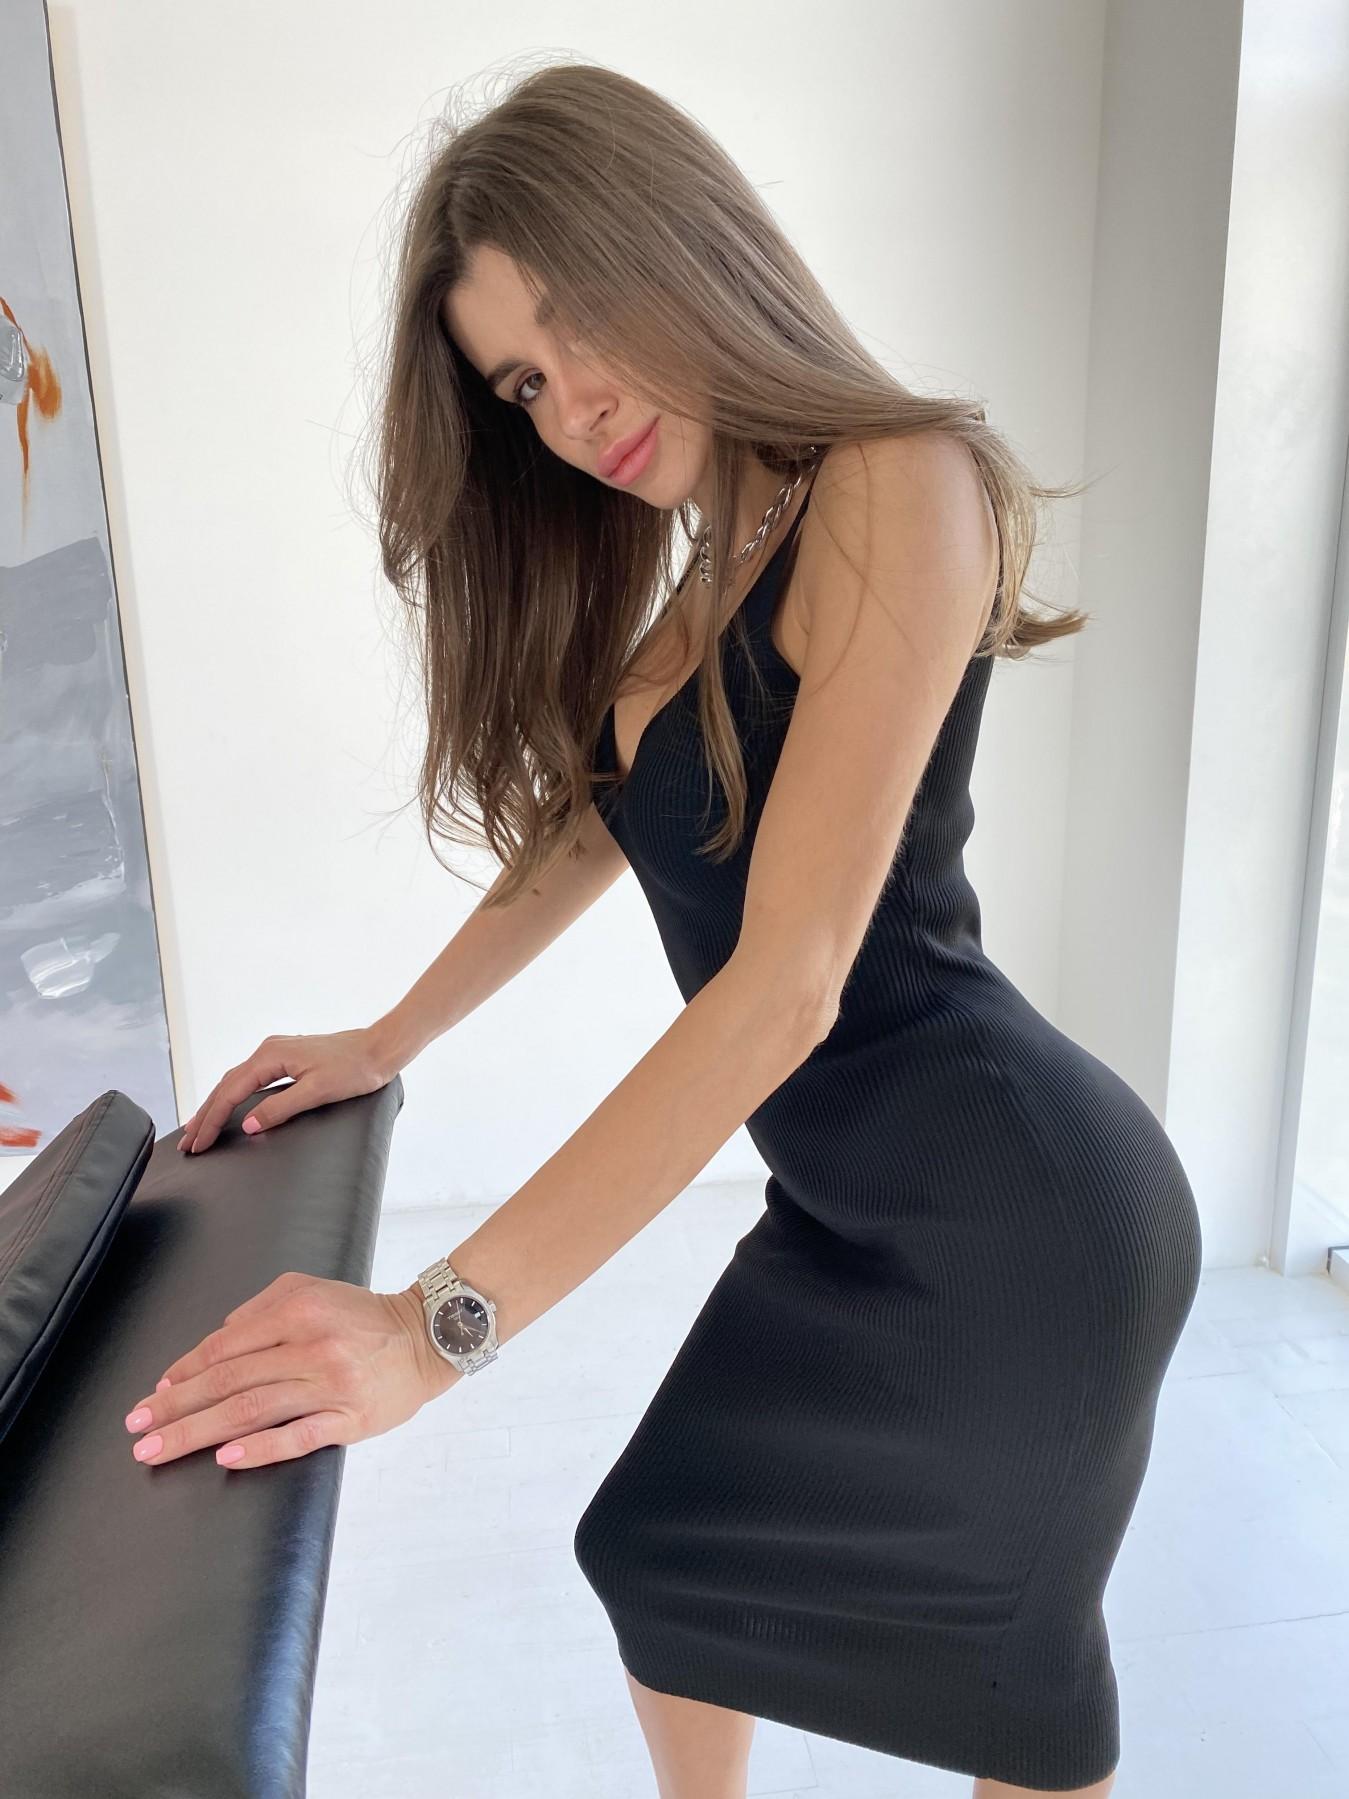 Платье 91798 АРТ. 48056 Цвет: Черный - фото 7, интернет магазин tm-modus.ru